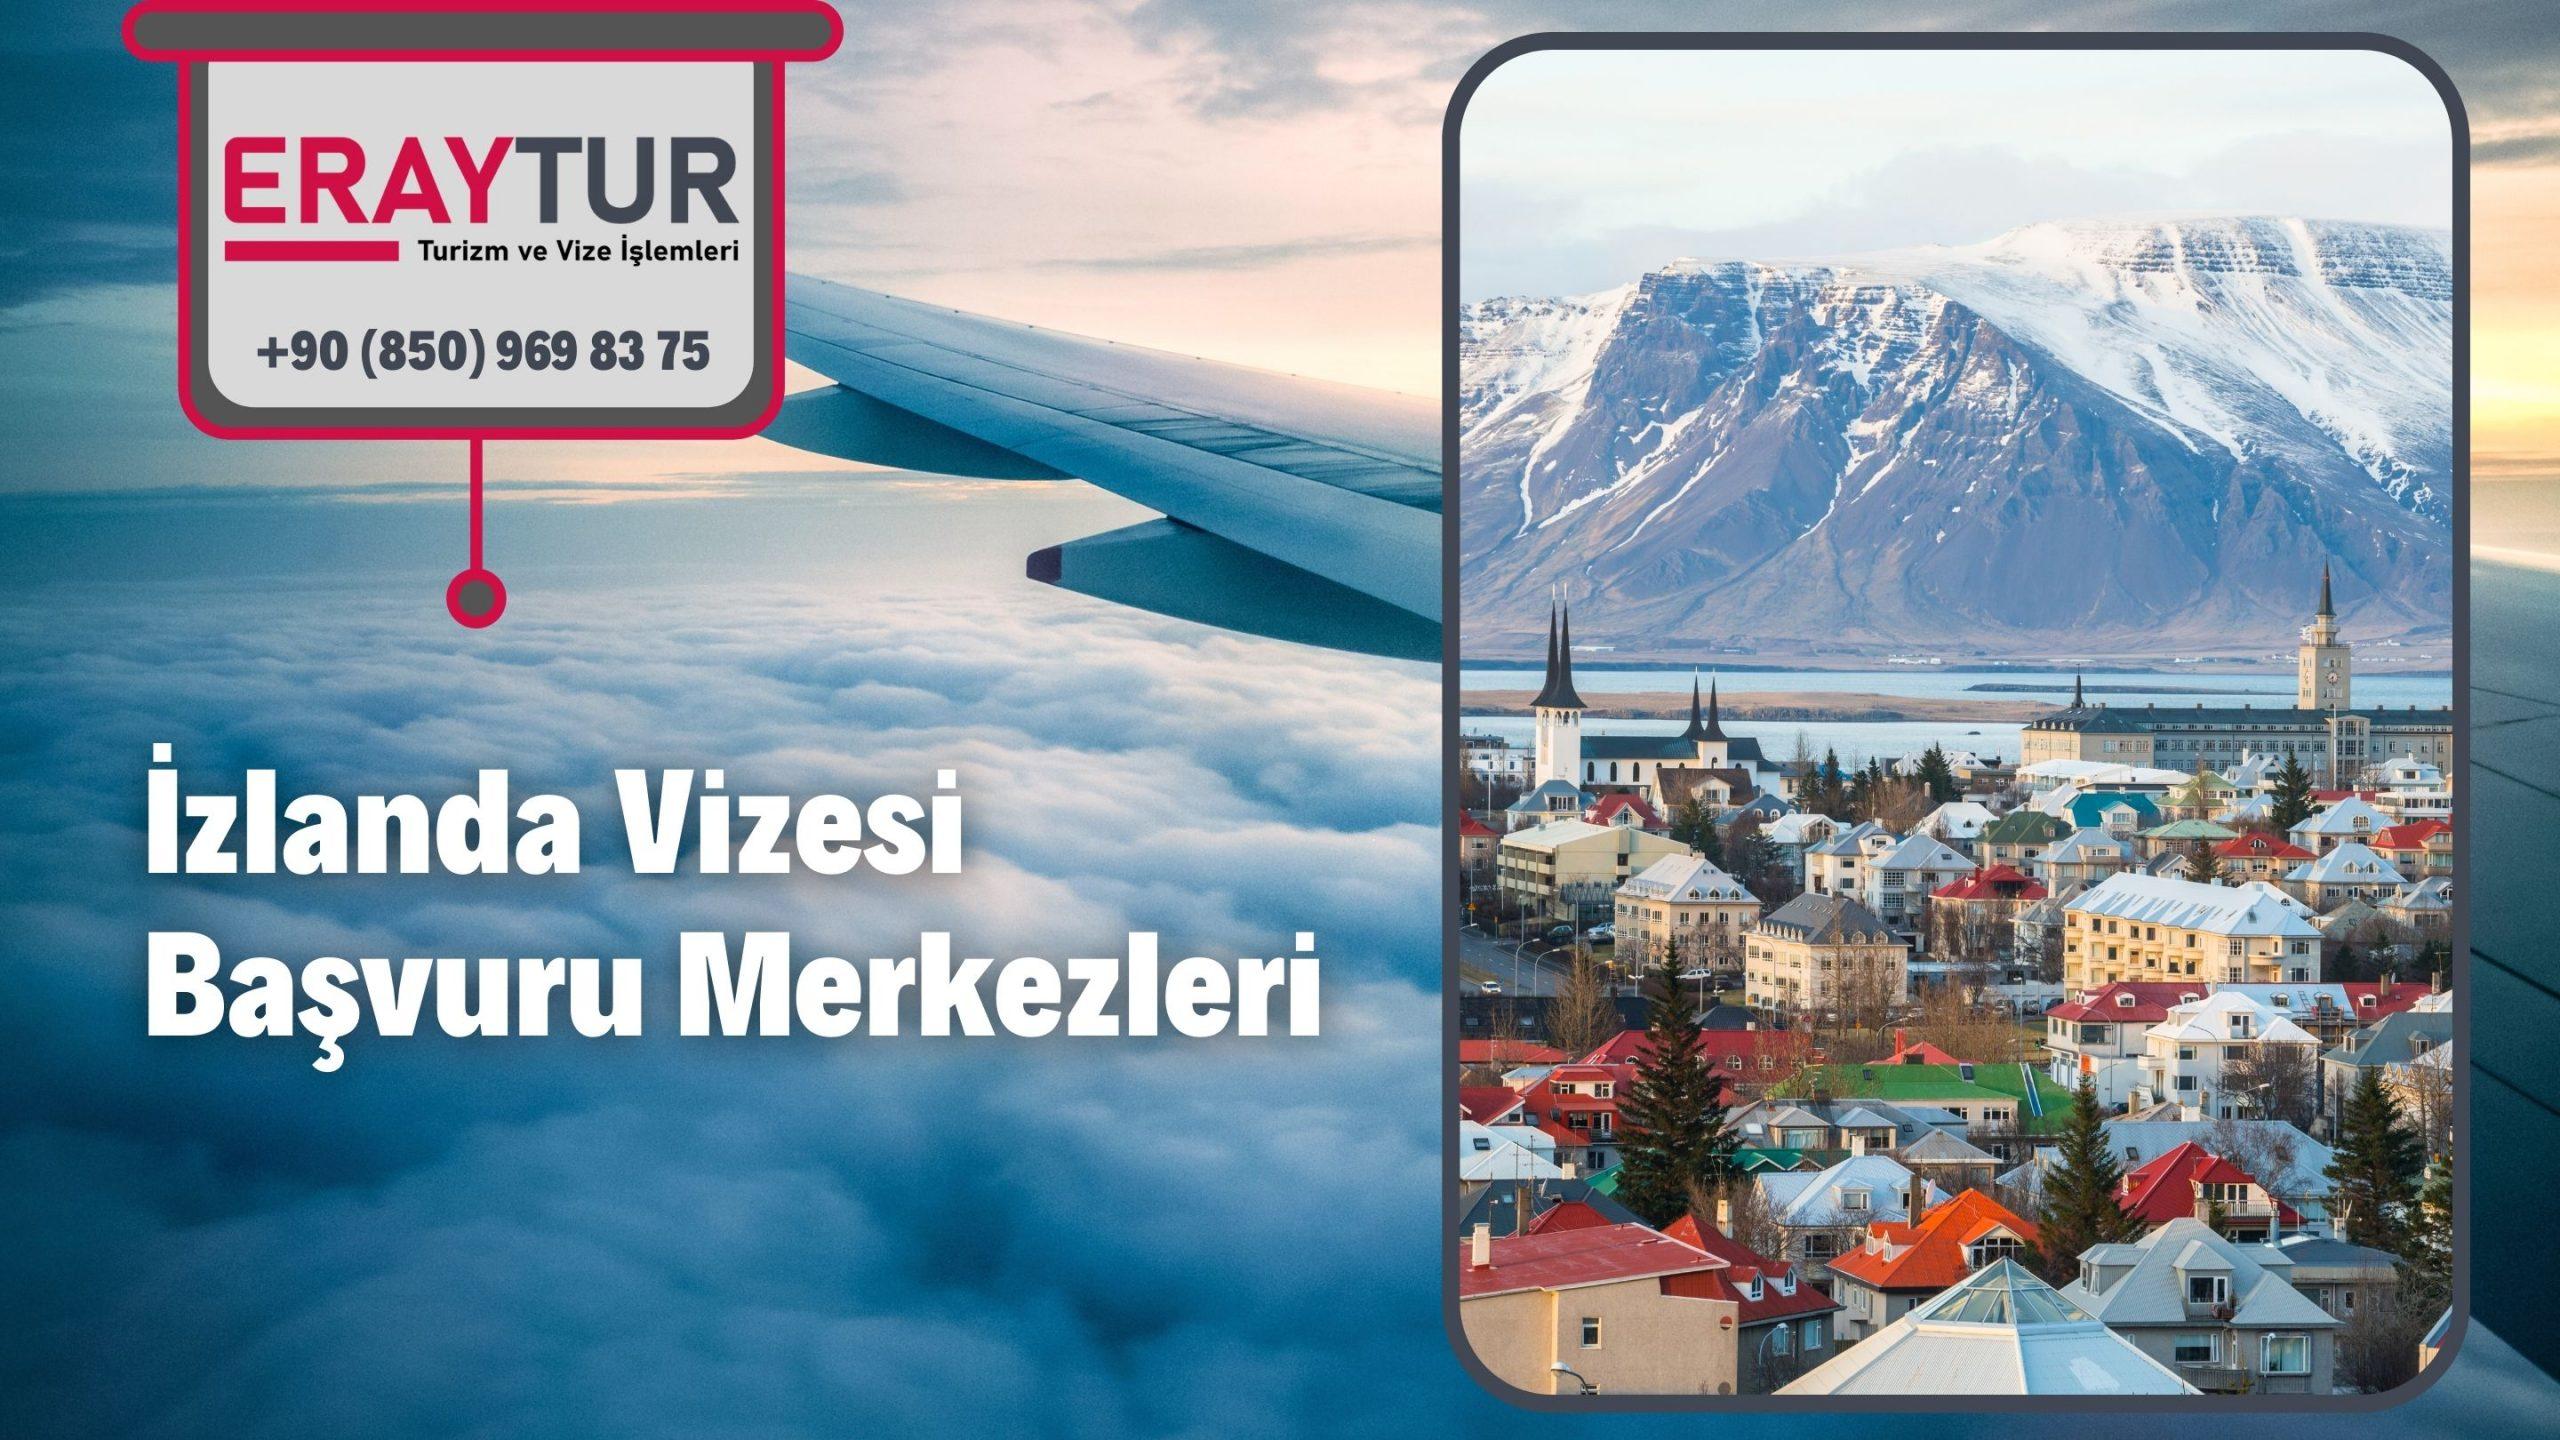 İzlanda Vizesi Başvuru Merkezleri 1 – zlanda vizesi basvuru merkezleri 1 scaled